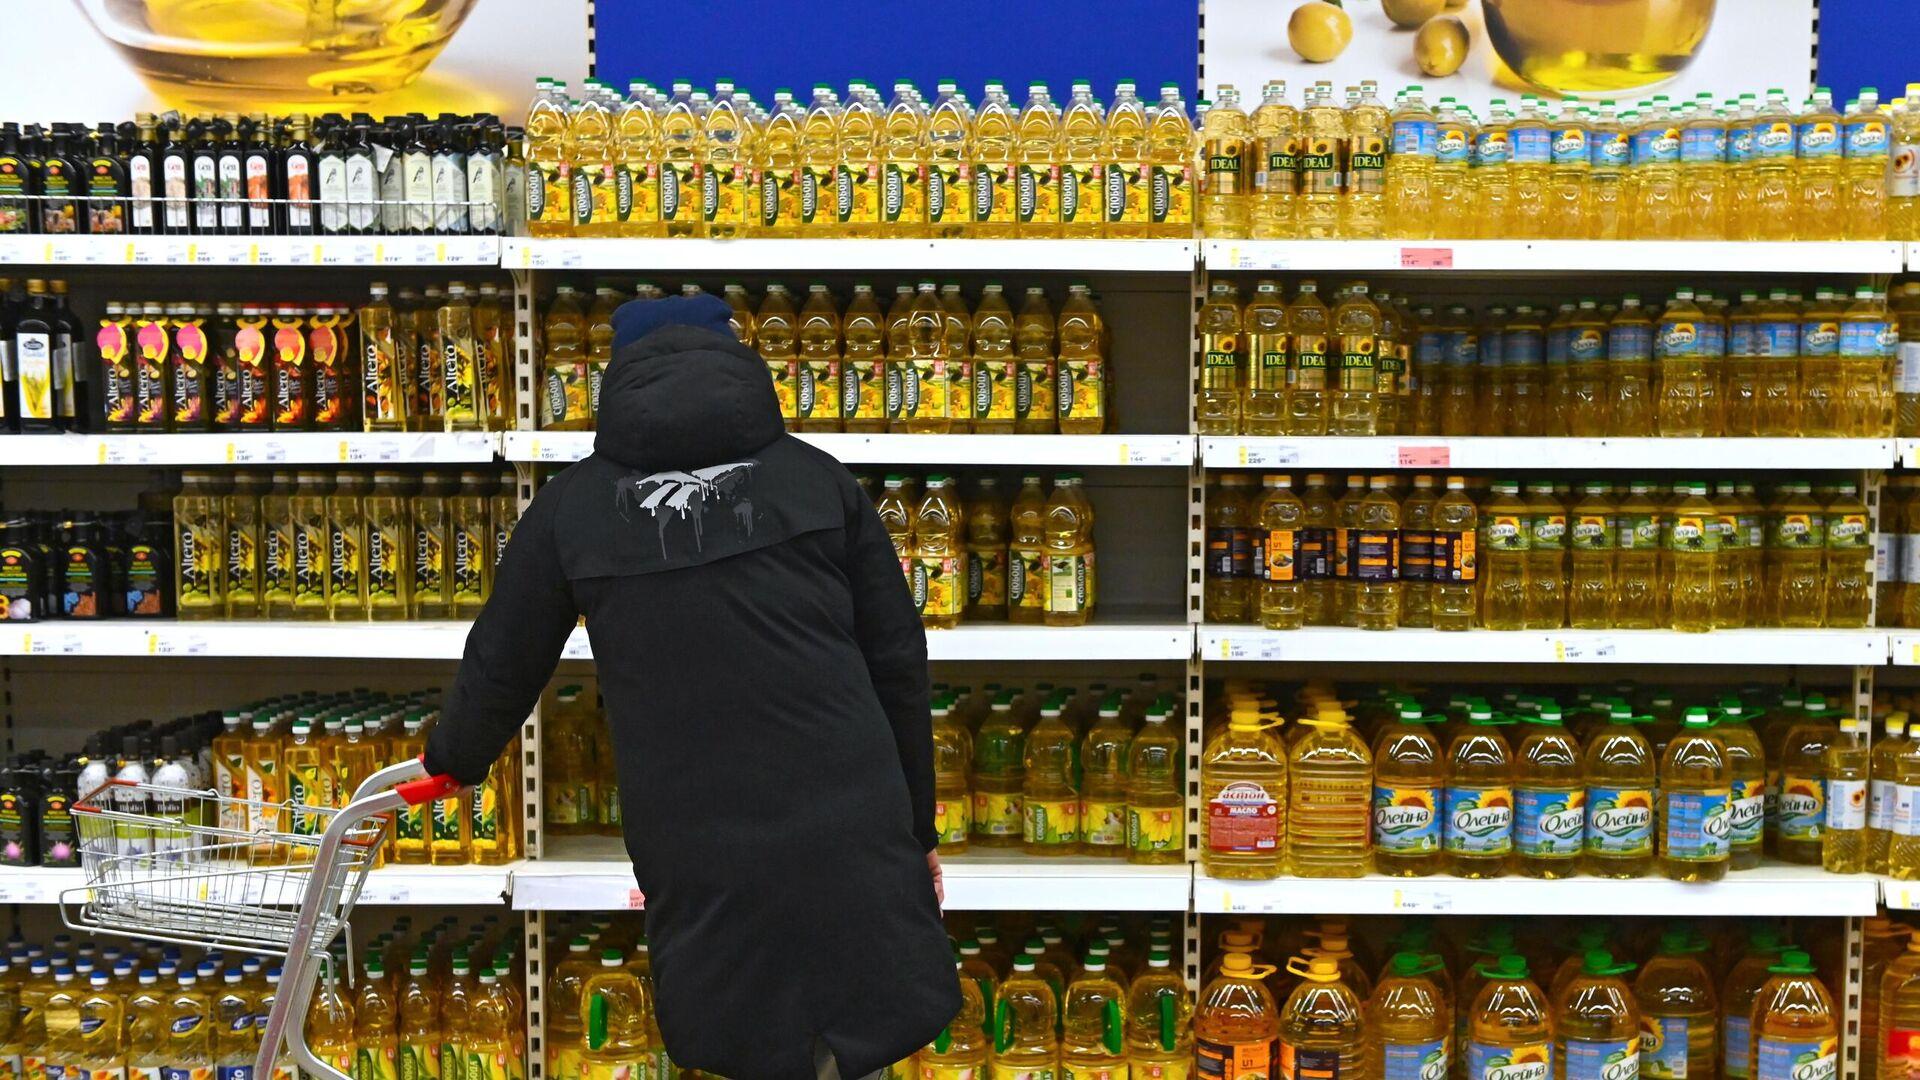 Подсолнечное масло в супермаркете - РИА Новости, 1920, 21.01.2021